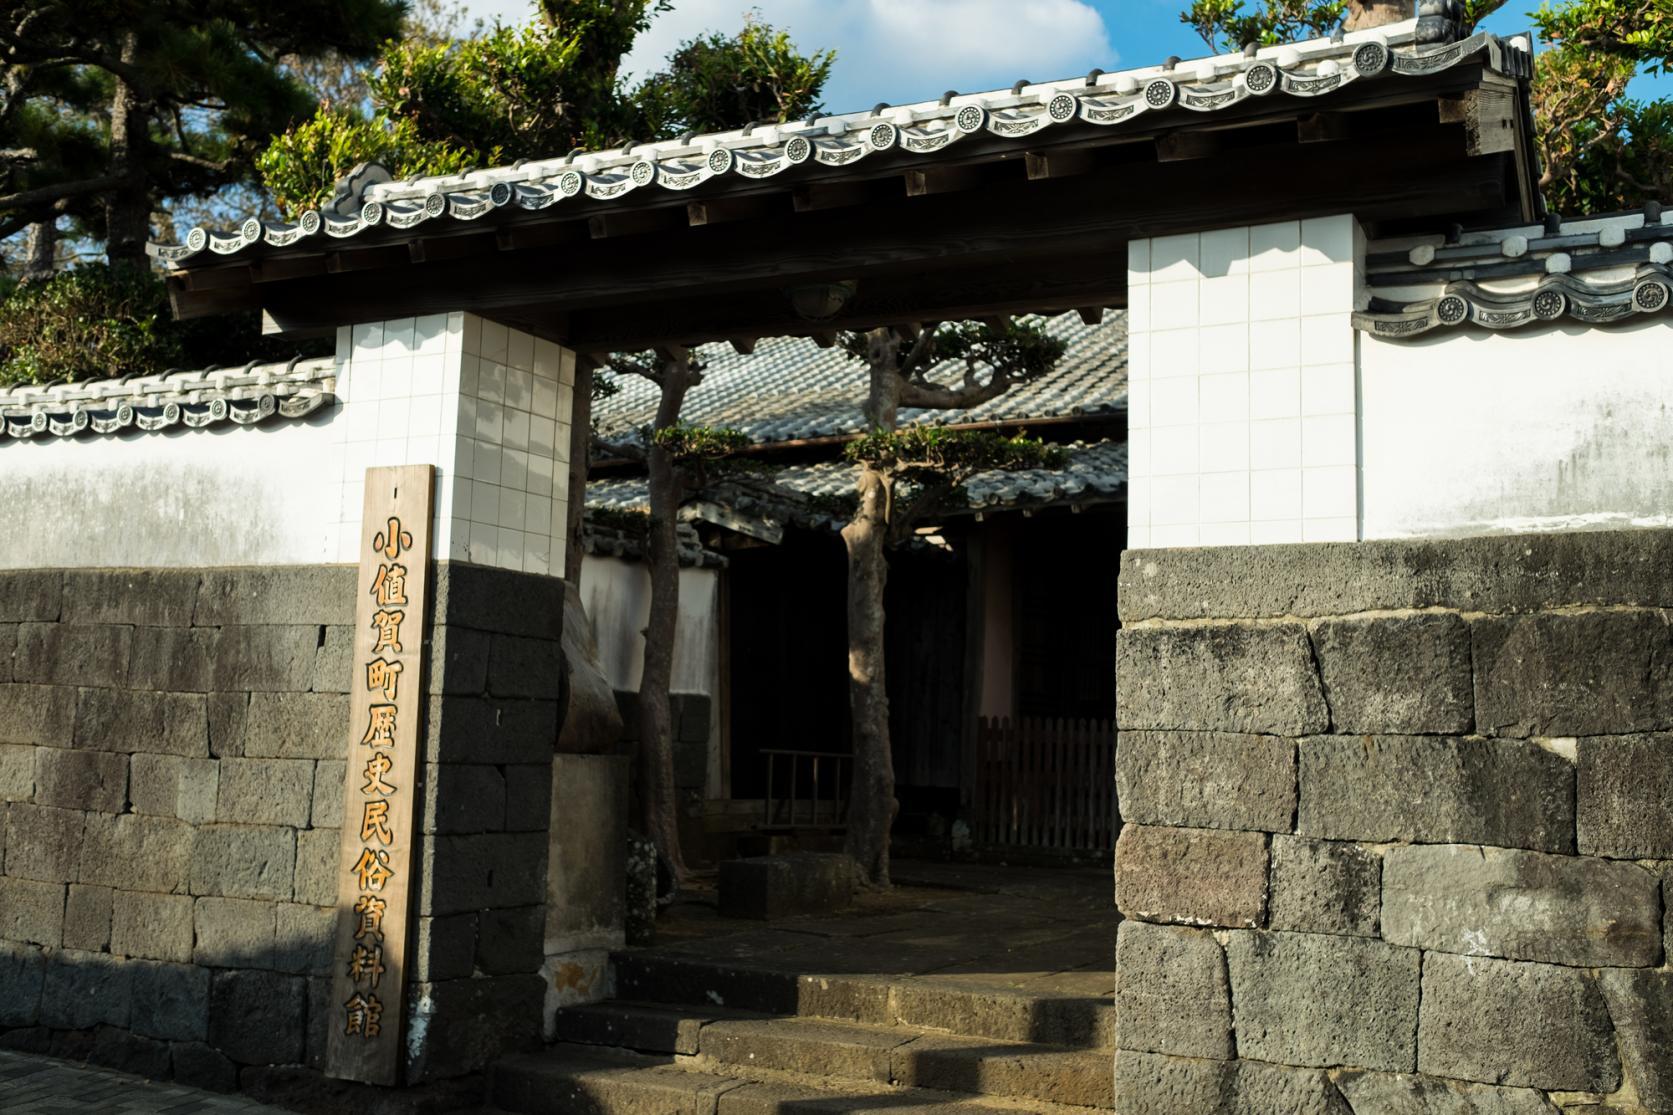 【1日目】小値賀町歴史民俗資料館-1